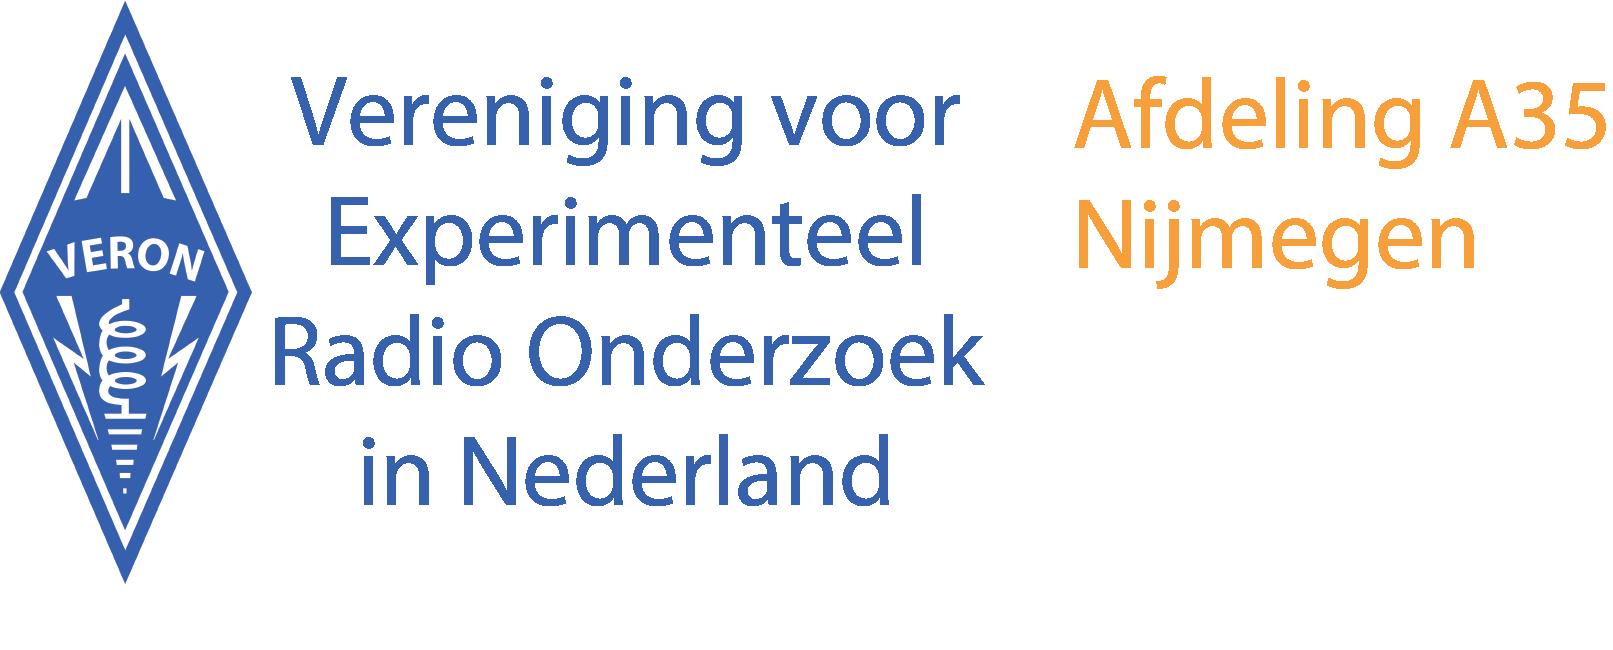 VERON a35 - Nijmegen